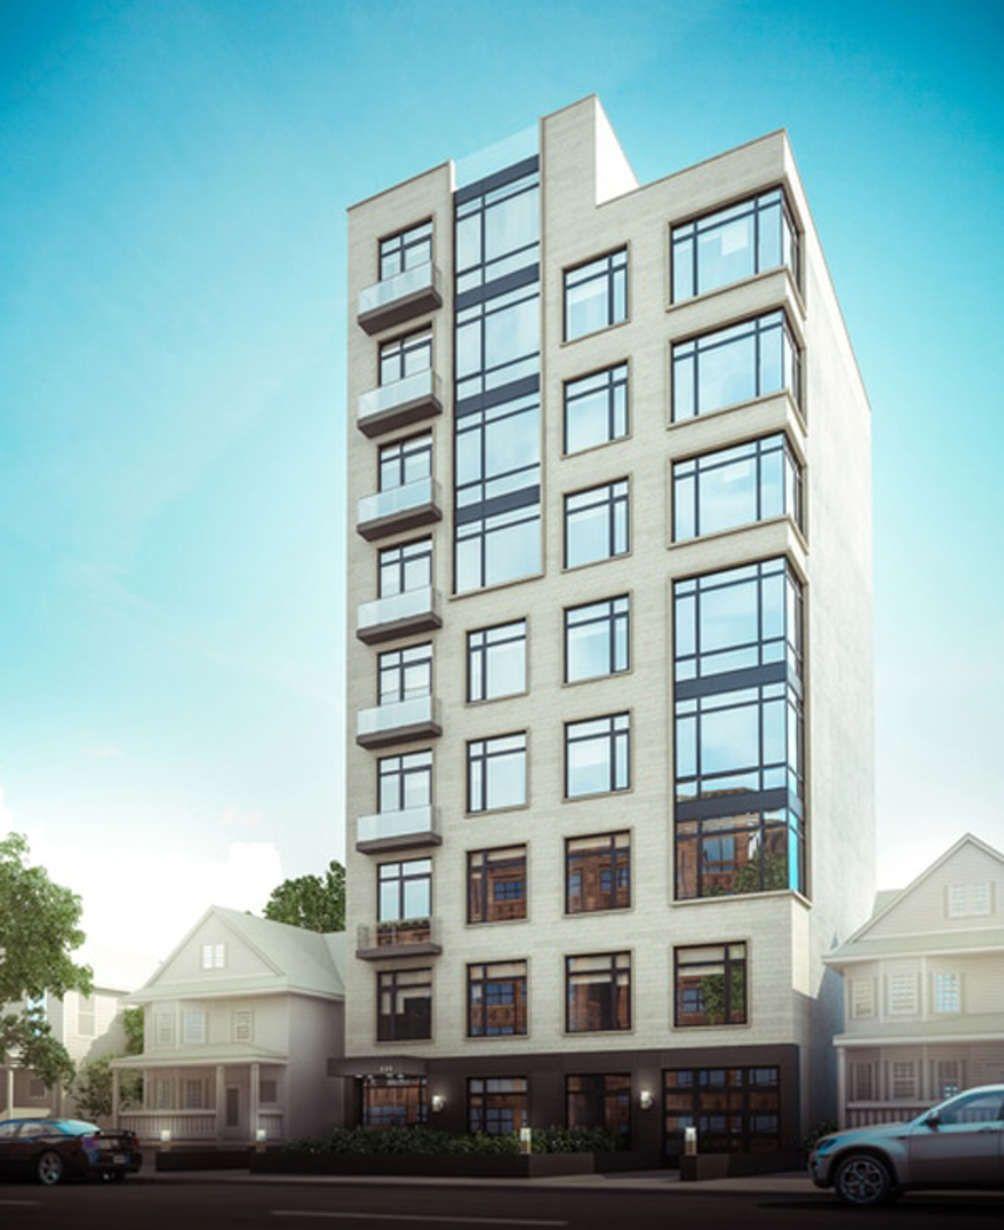 235 Hawthorne Street rendering